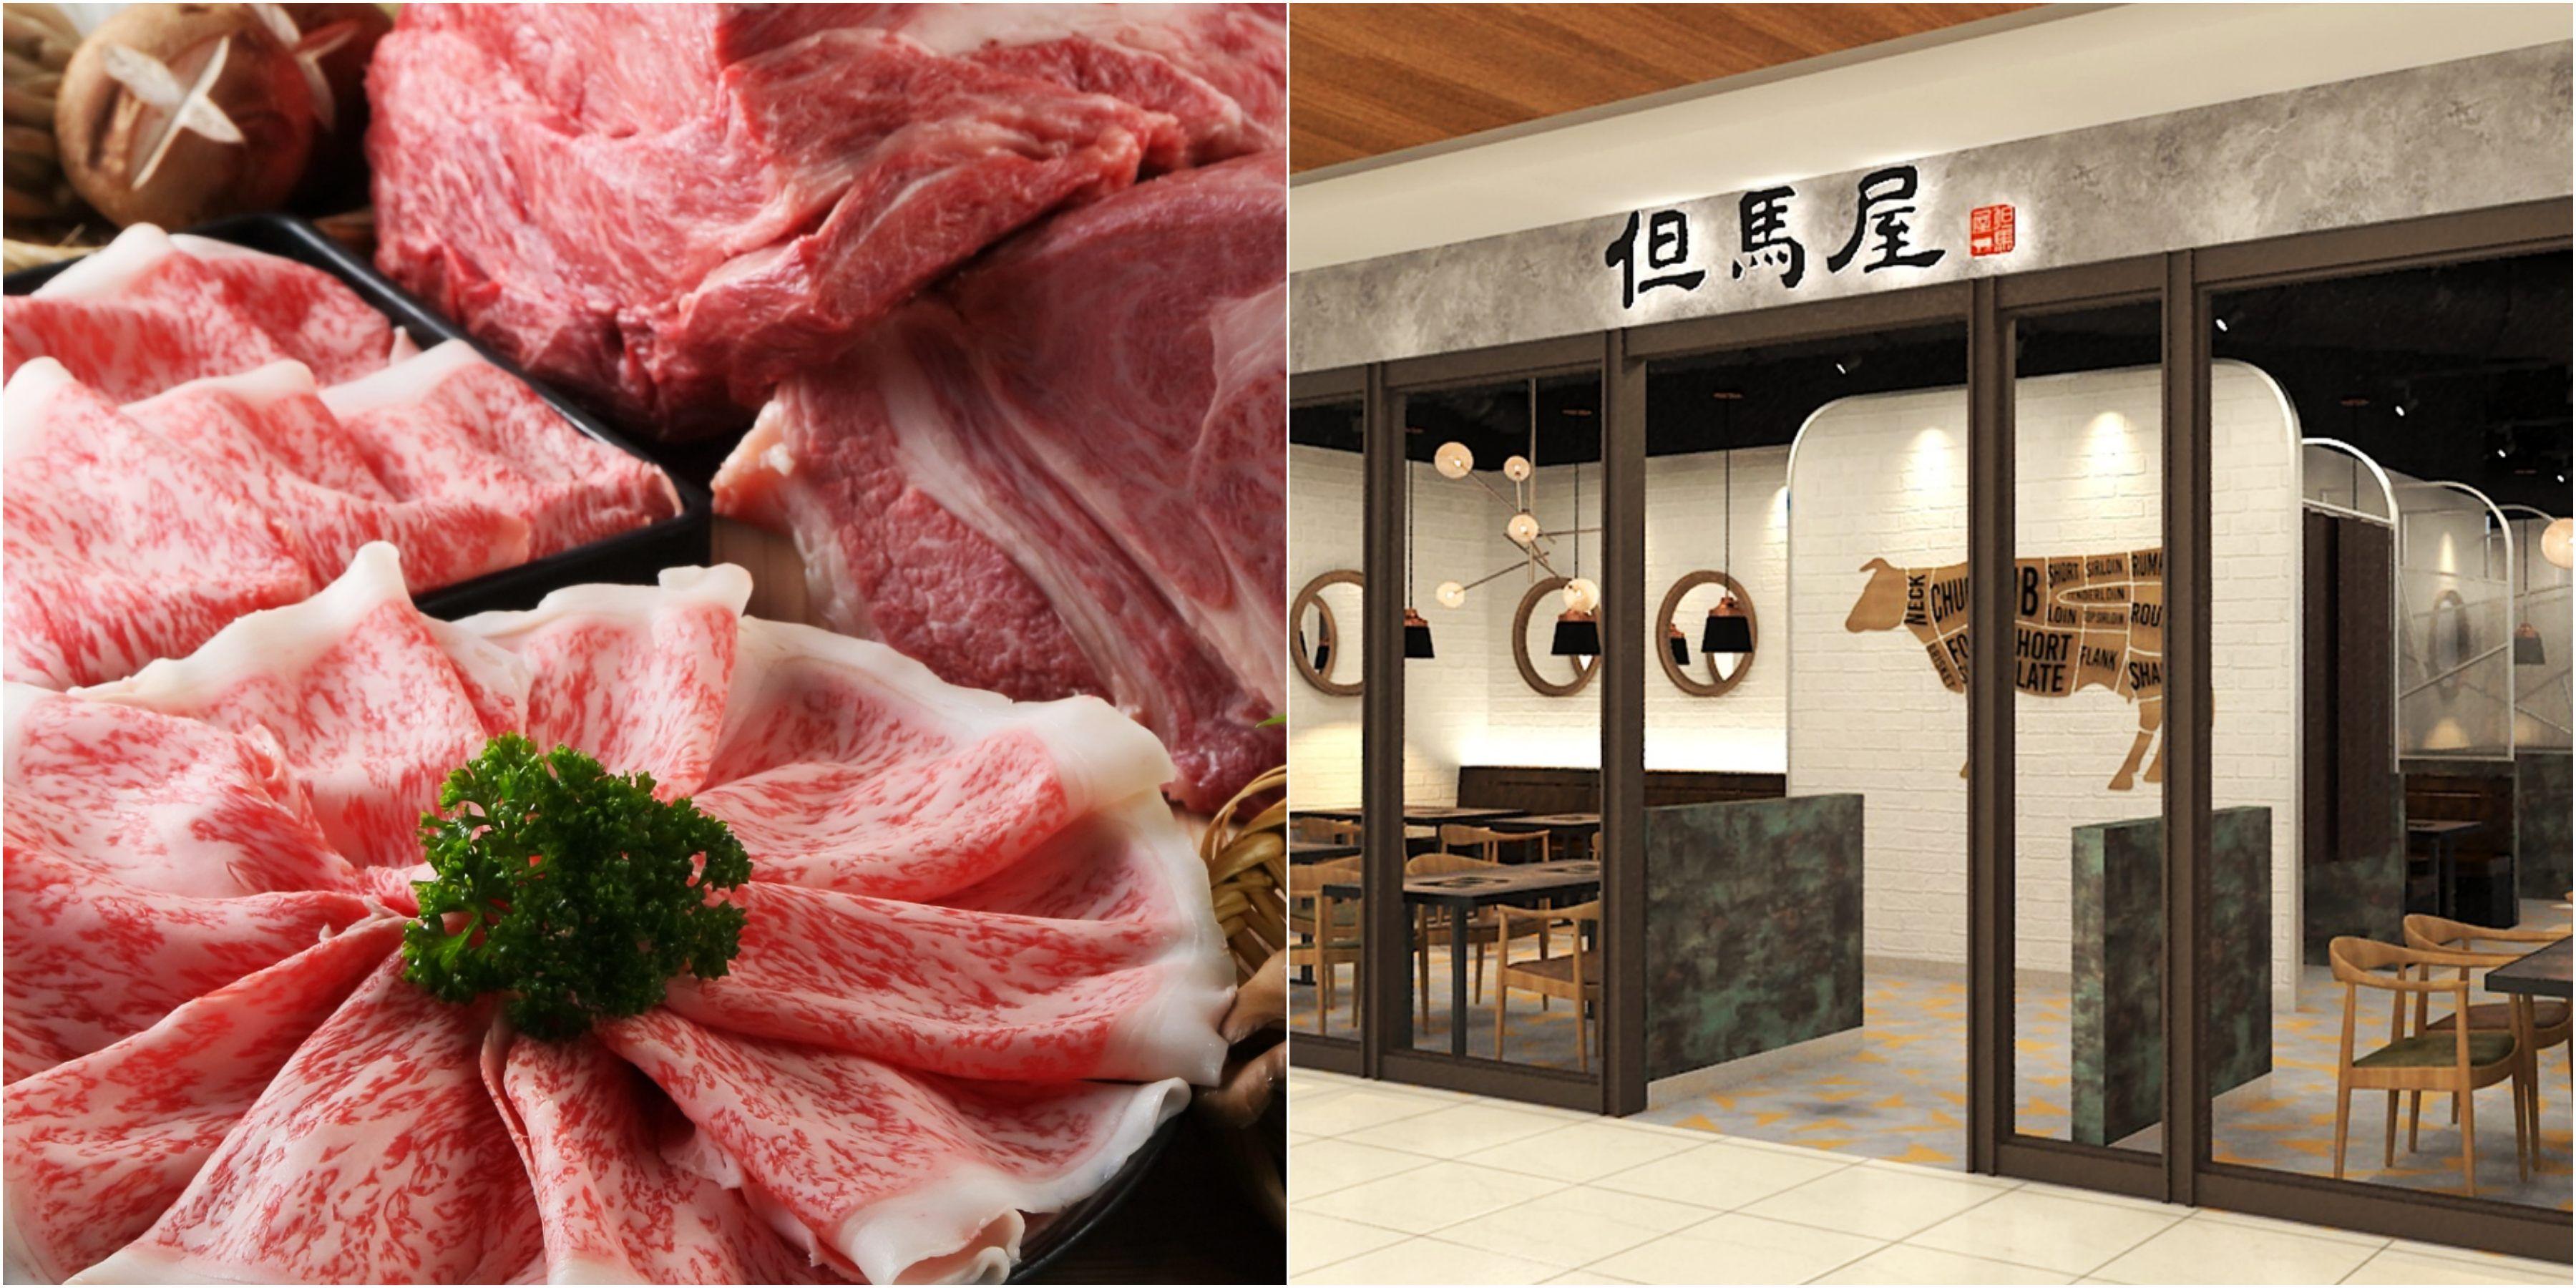 「但馬屋」涮涮鍋推出【神戶和牛】吃到飽!日本百年和牛專門店臺幣千元就能品嘗 - Yahoo奇摩時尚美妝